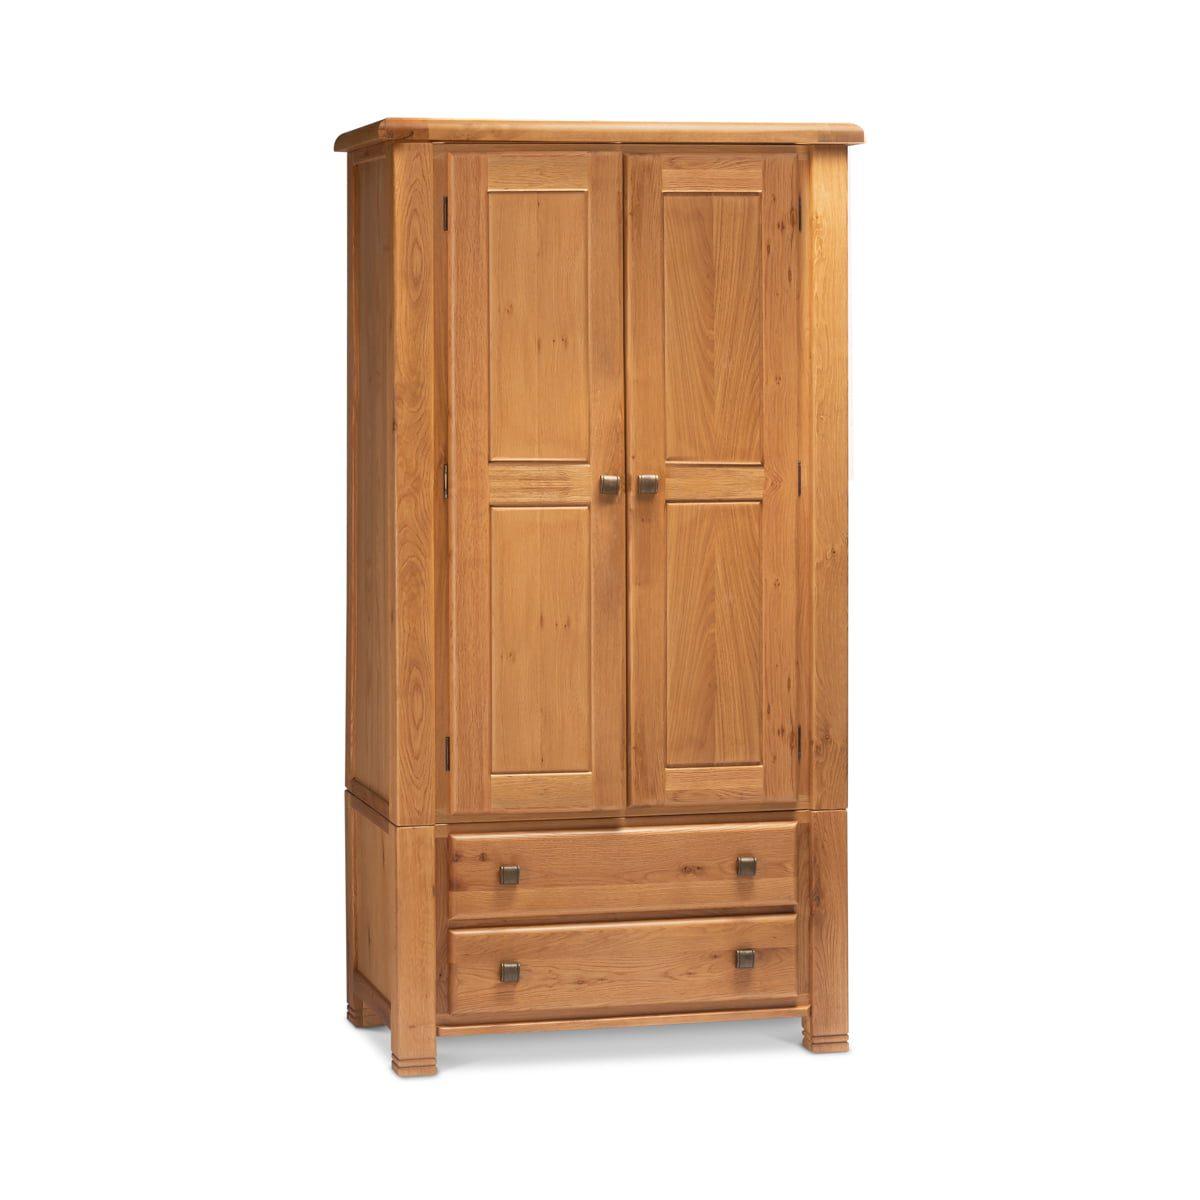 Dunloe Double Wardrobe